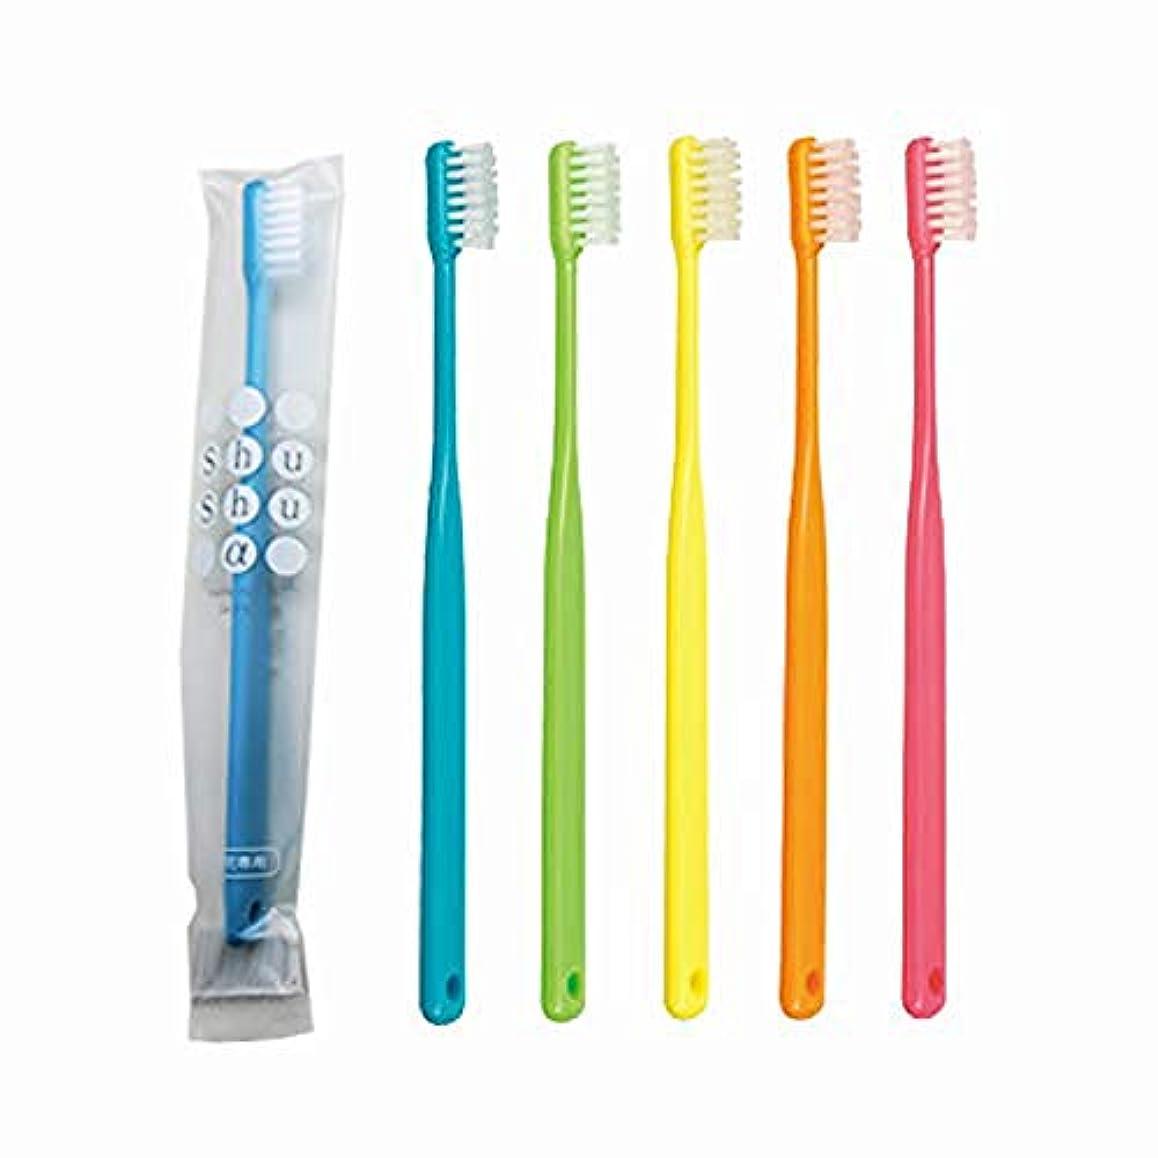 行うメイト怠惰歯科専売品 大人用歯ブラシ FEED Shu Shu α(シュシュアルファ)×20本 S (やわらかめ)